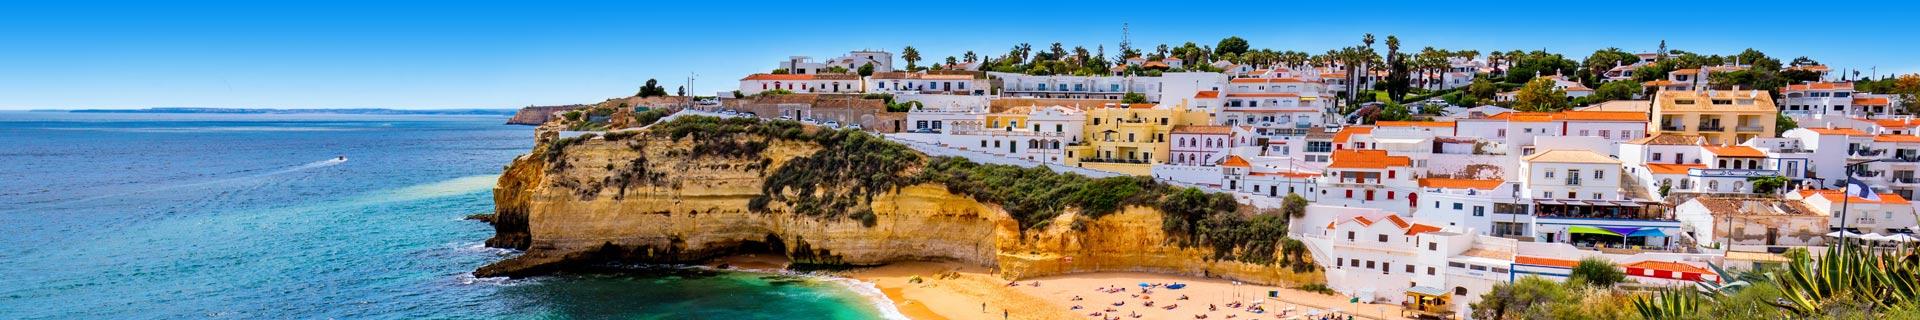 kan ik op vakantie naar Portugal?